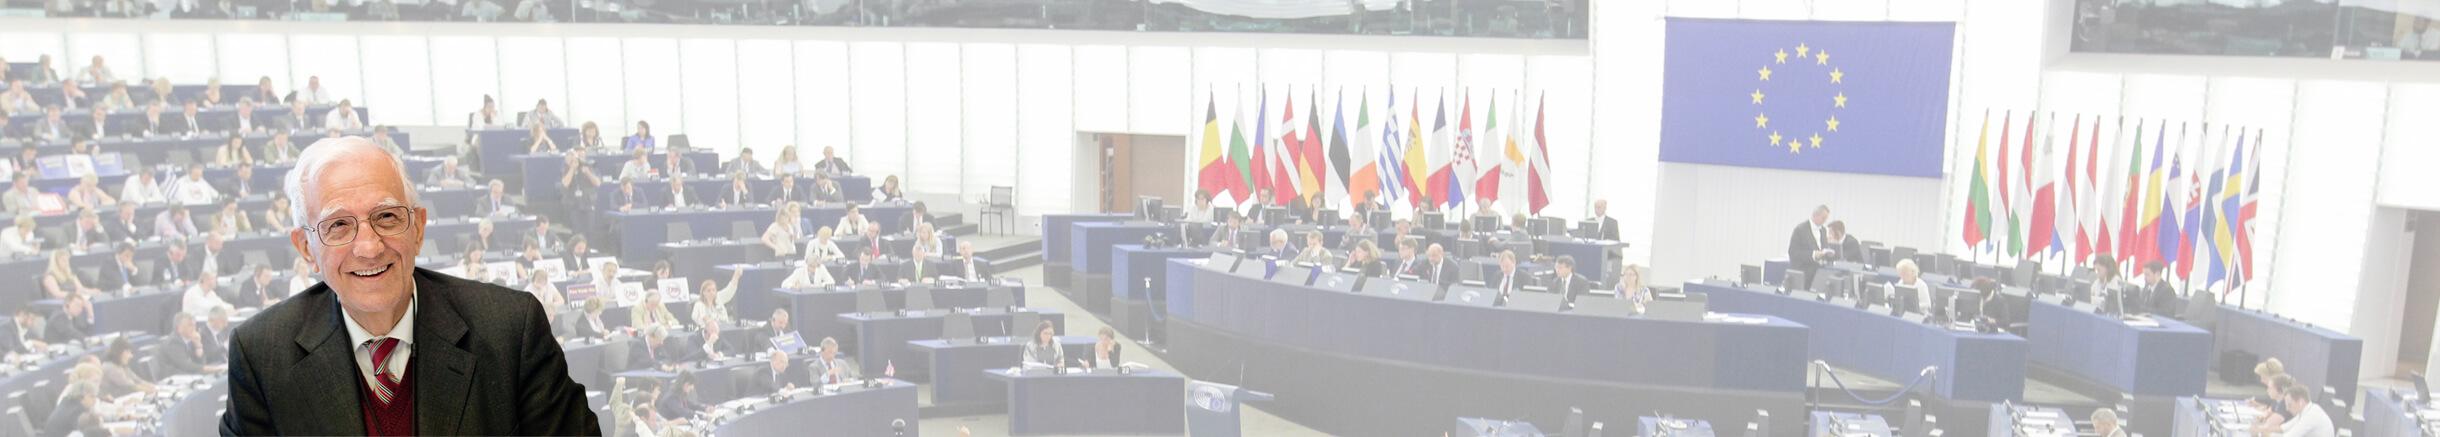 vittorioprodi-ex-europarlamentare